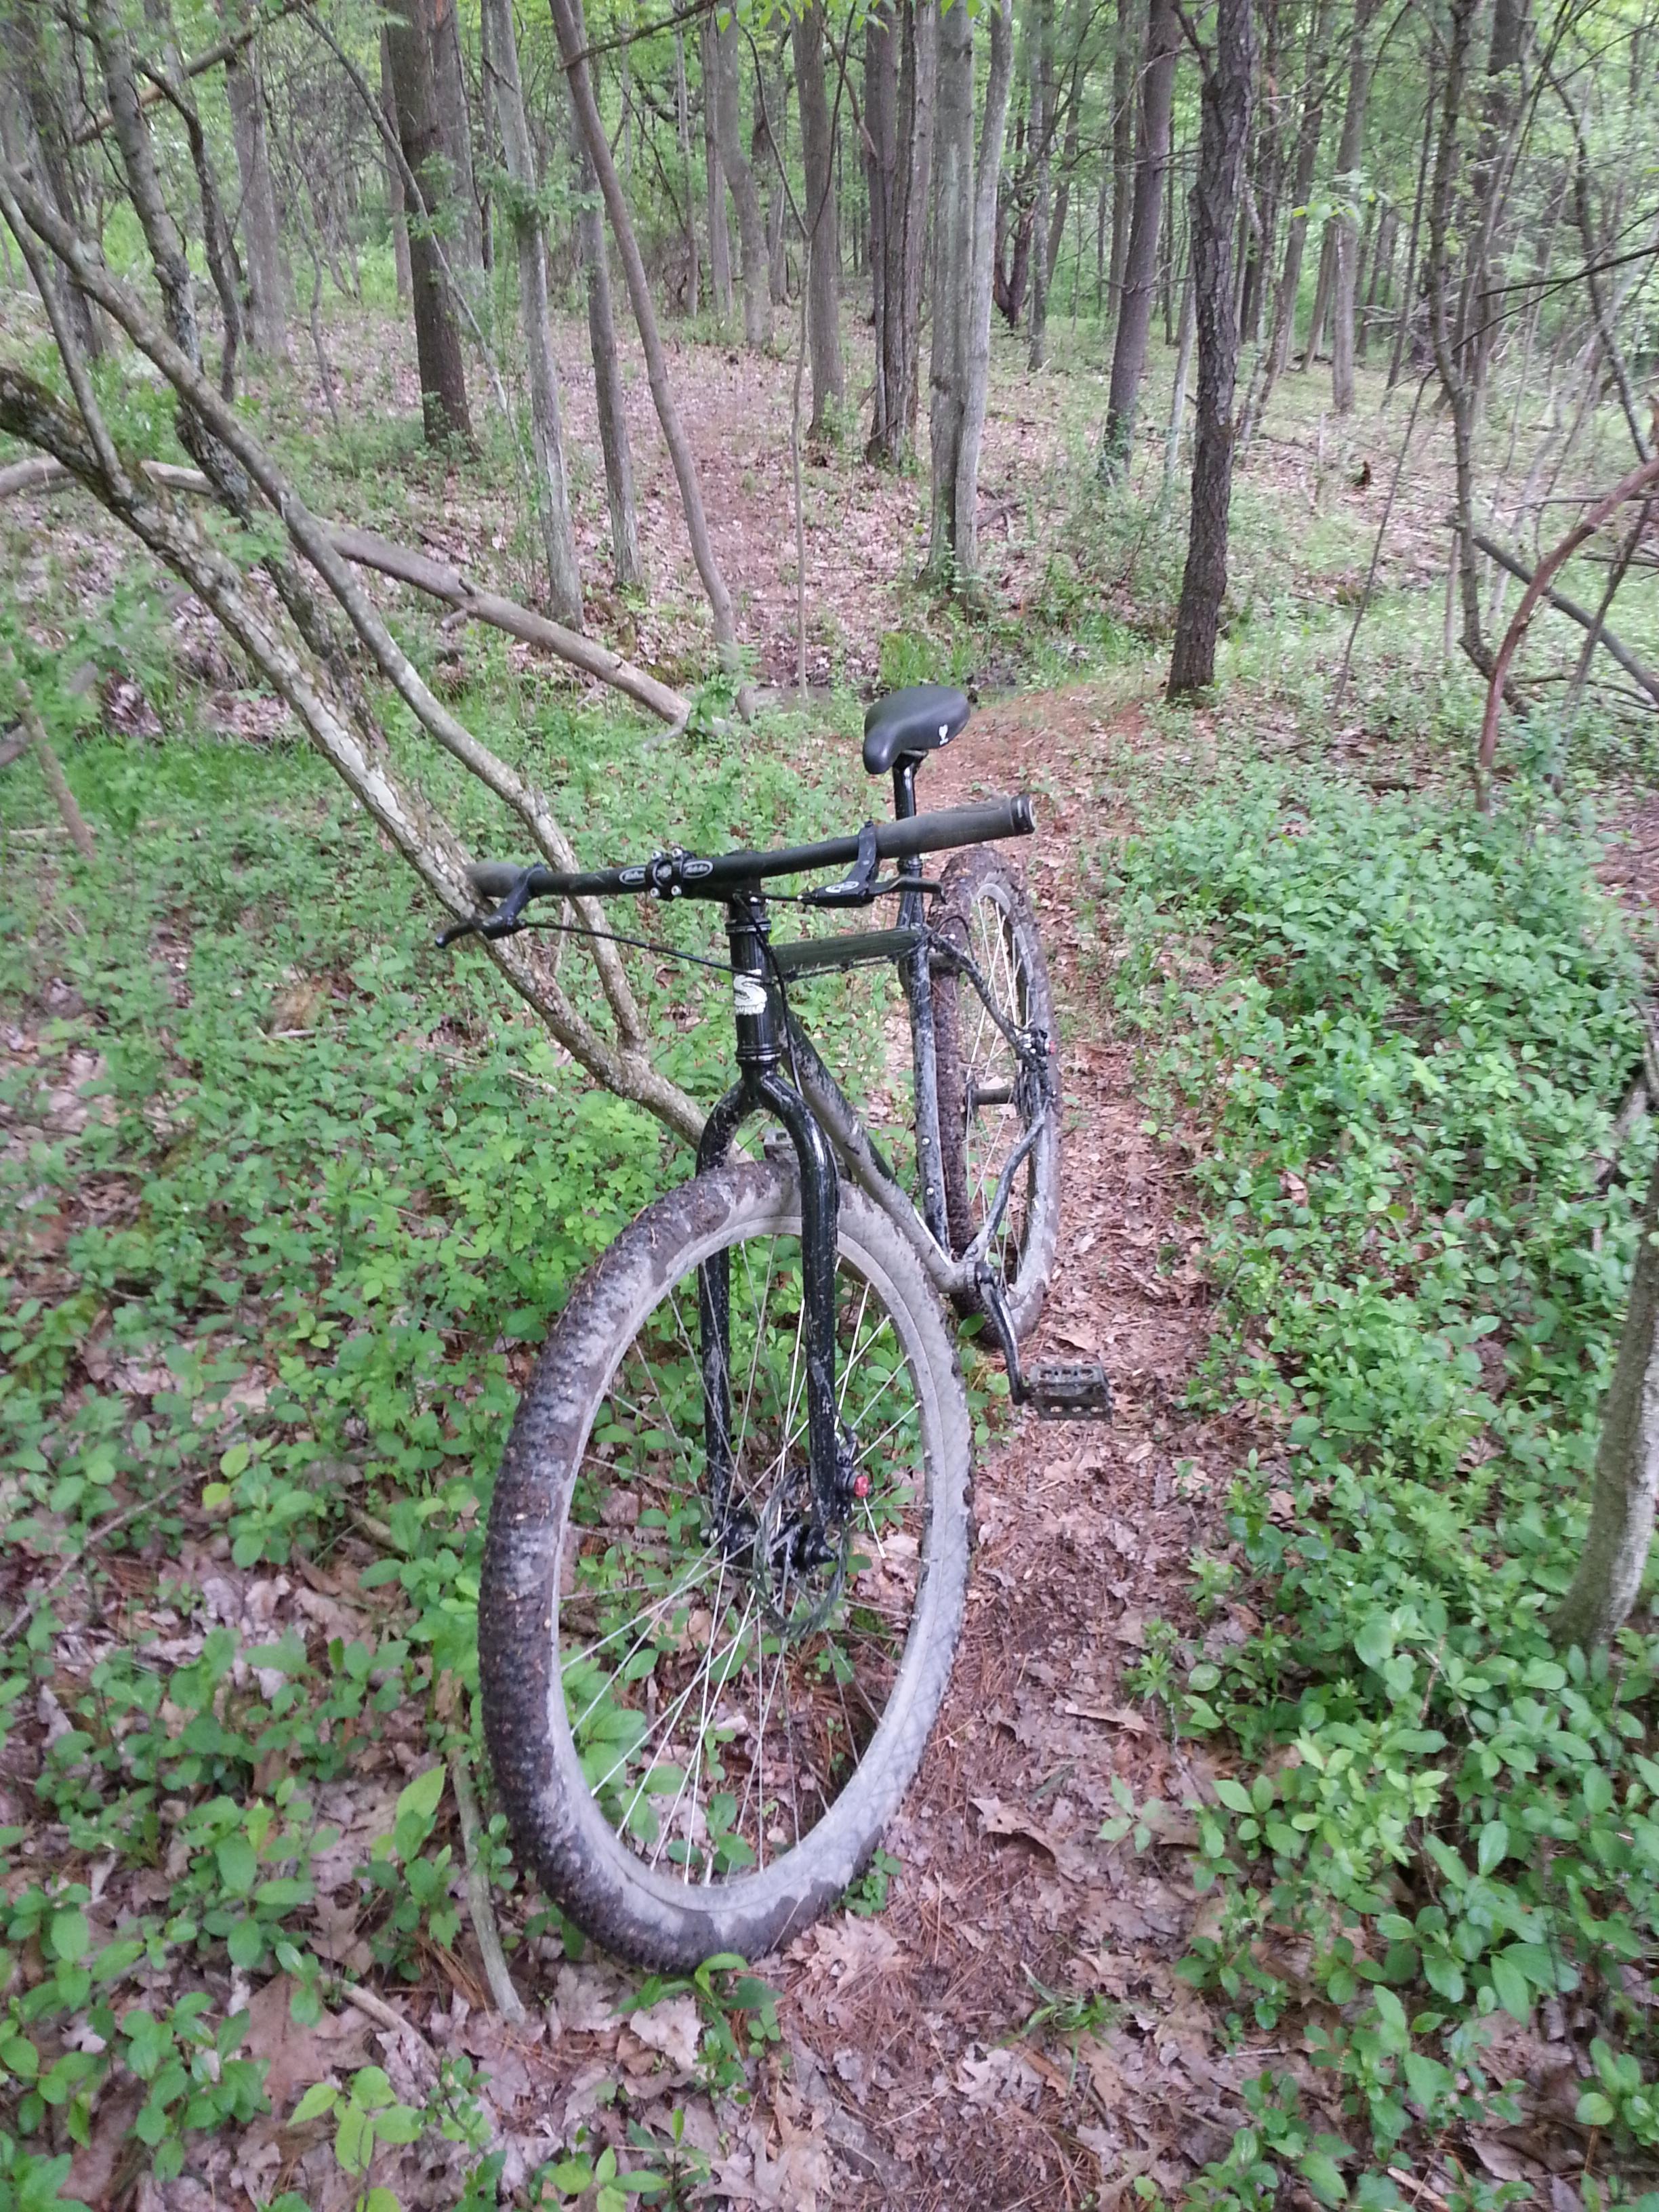 East_Trail_Bike_2.jpg